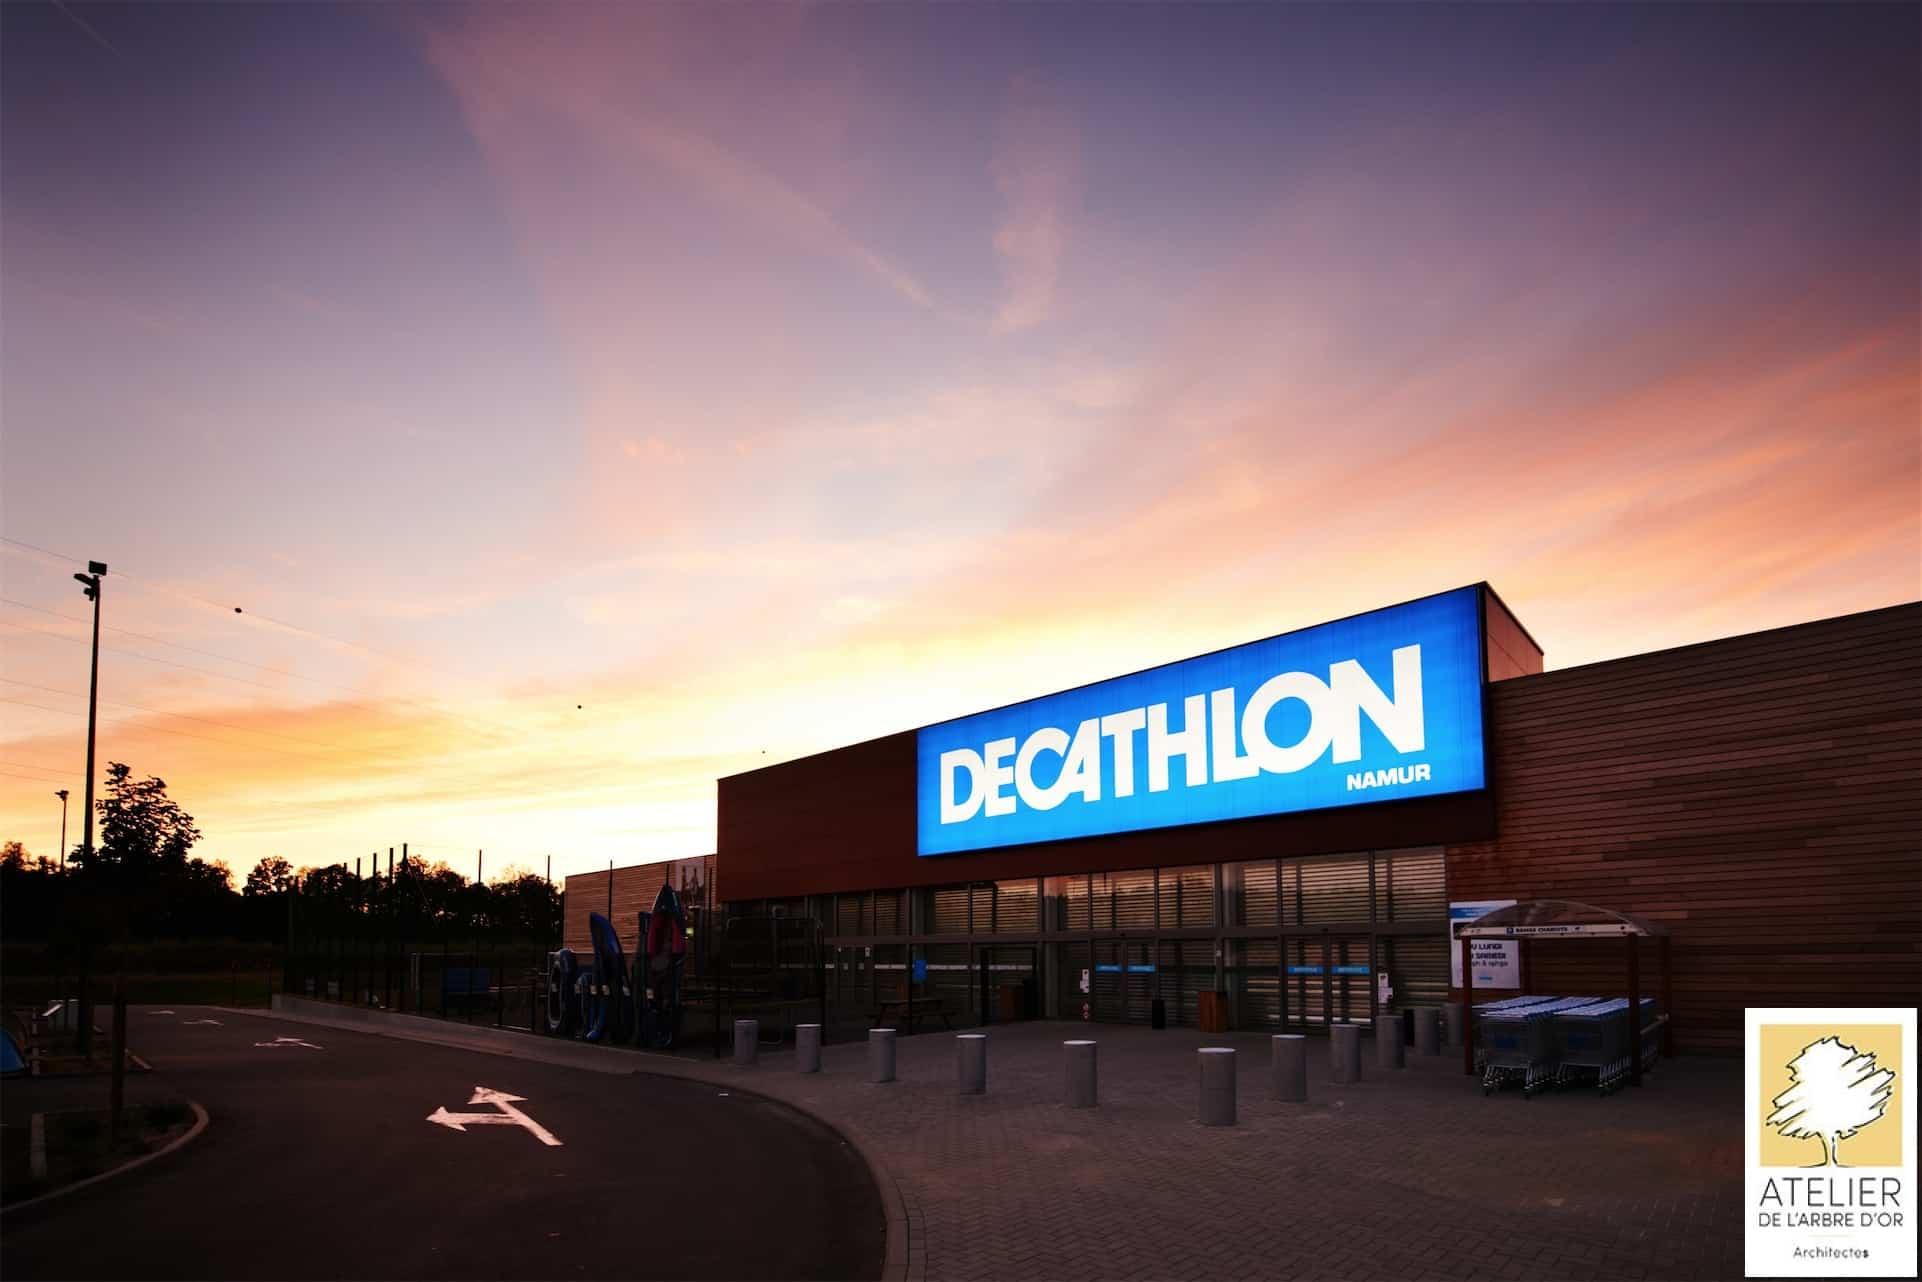 Arbre d'Or Espace de vente Decathlon à Namur - Arbre d'Or